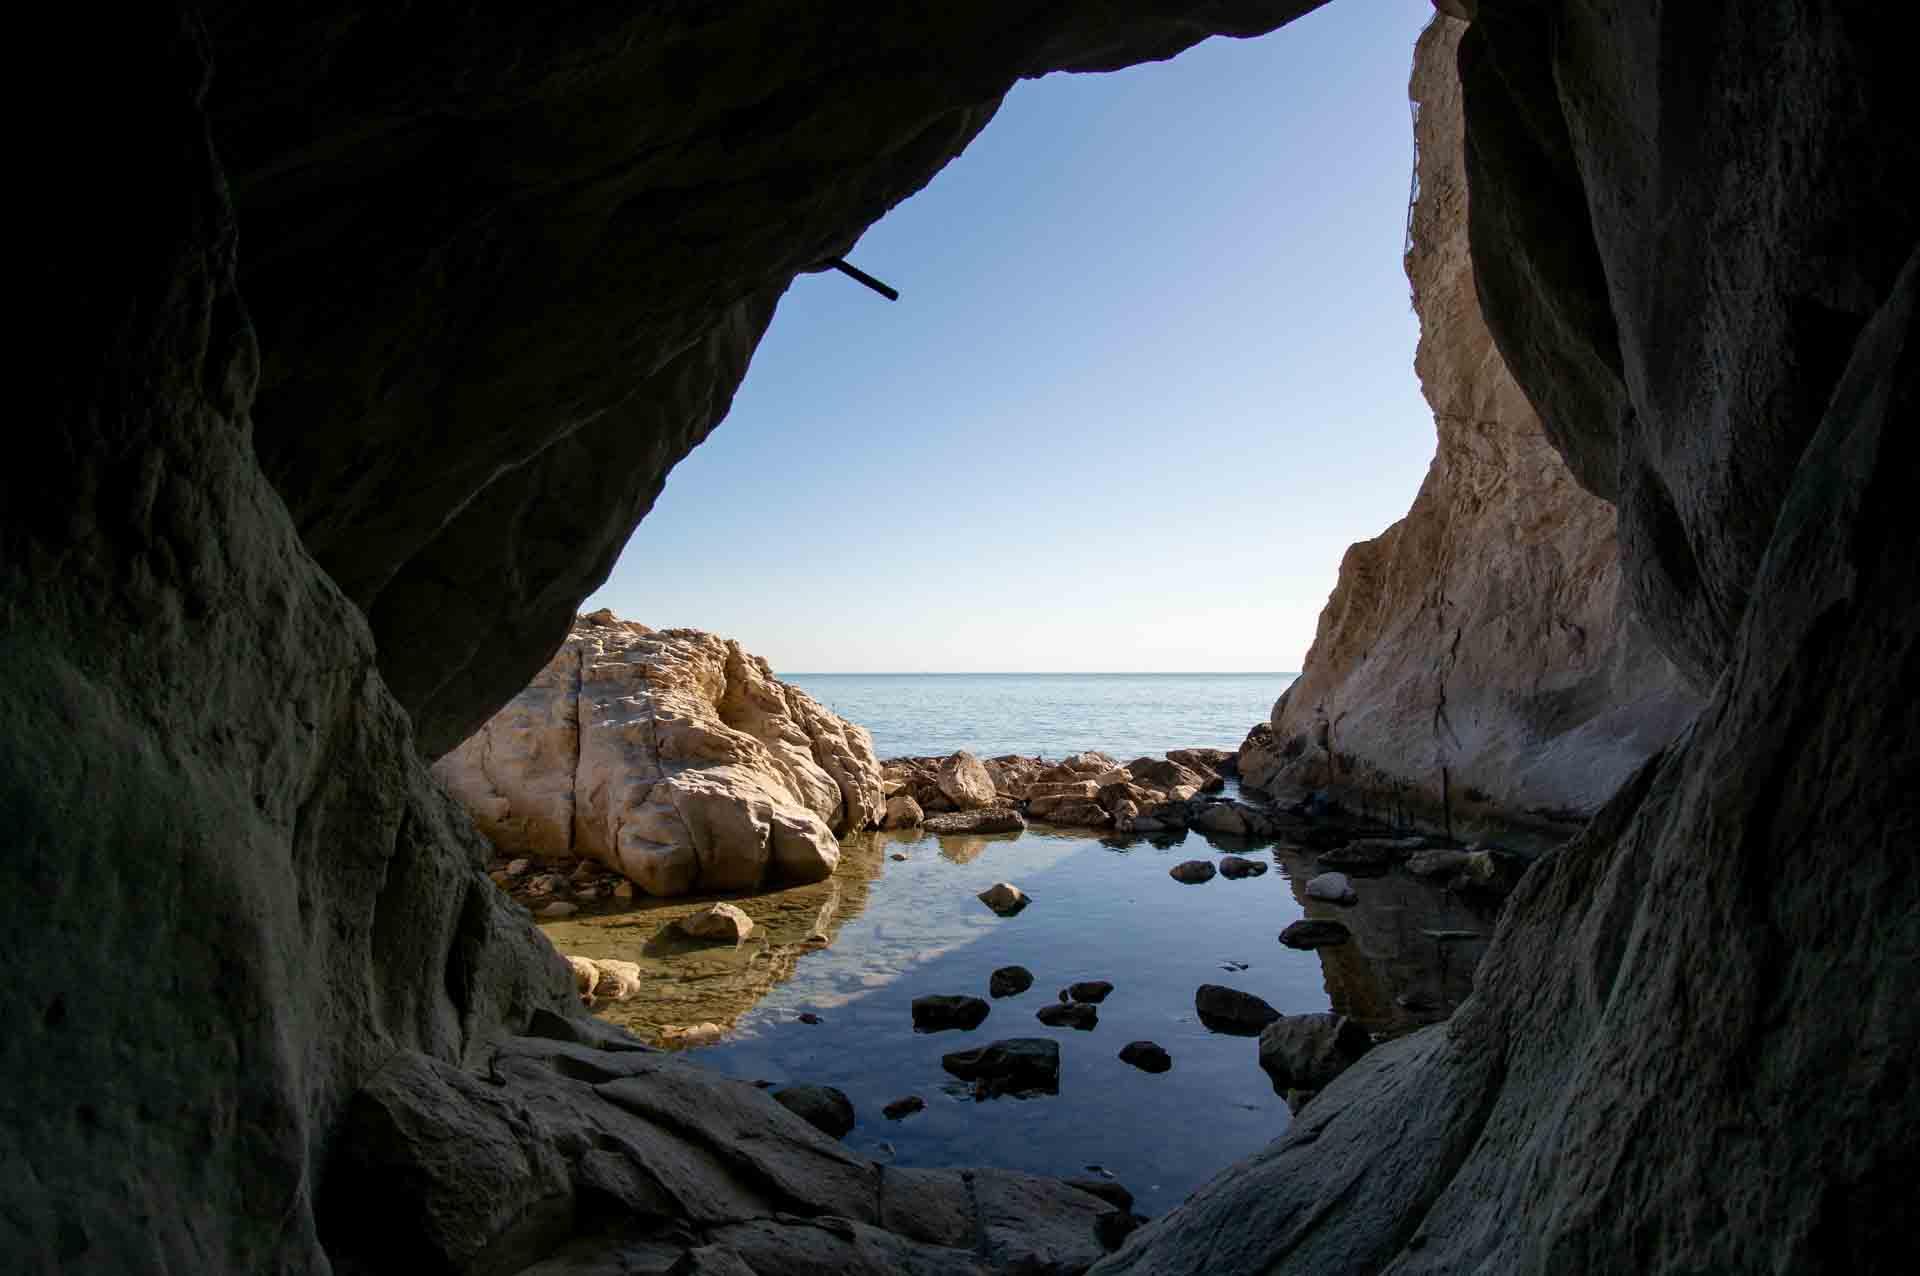 Grotta Urbani 03 © Sauro Strappato